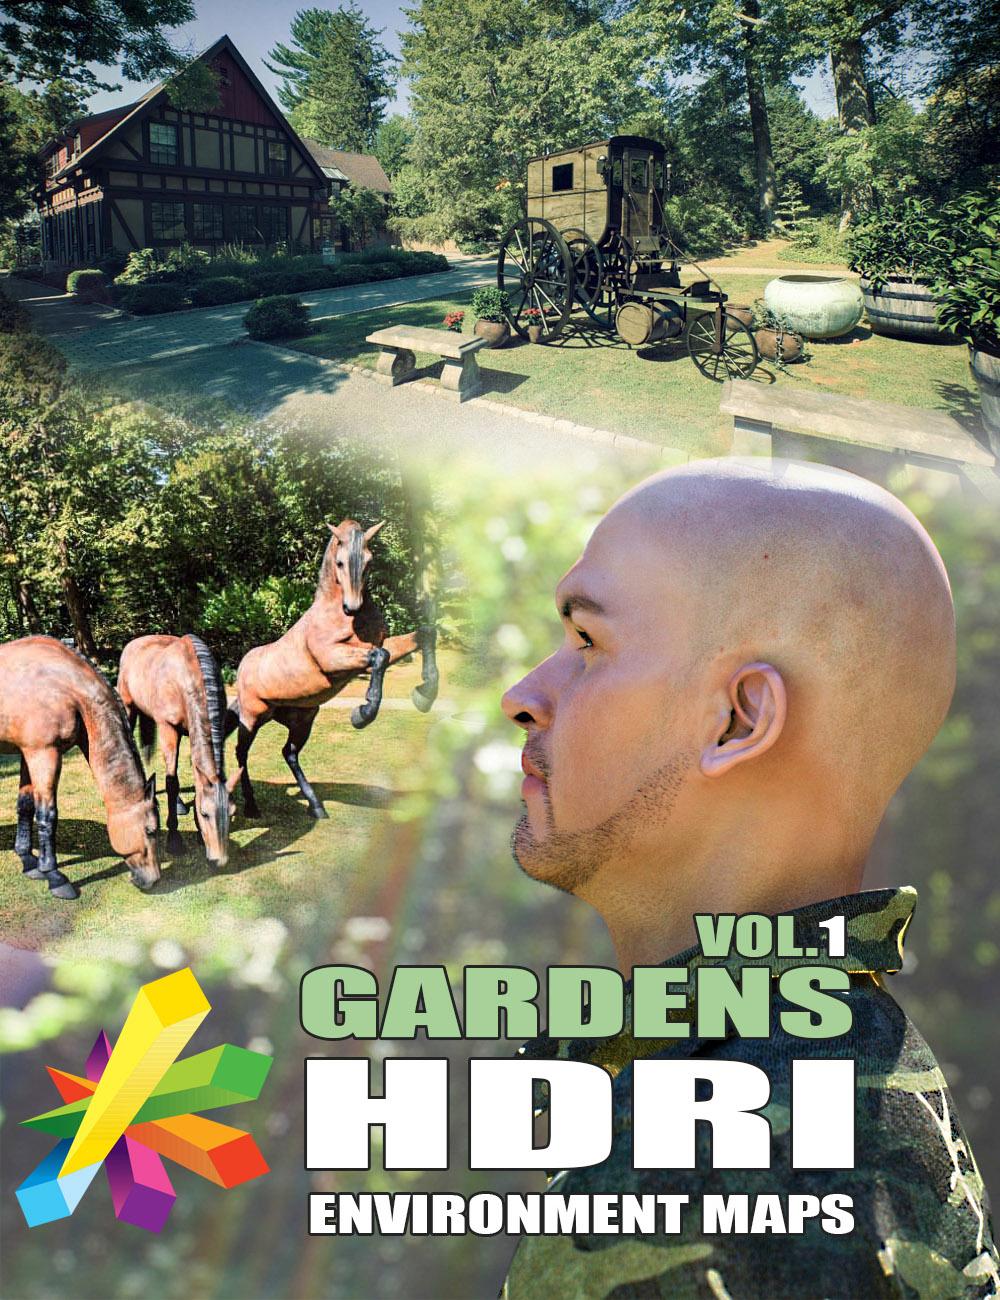 MEC4D HDRI Gardens Vol.1 - Megapack by: Mec4D, 3D Models by Daz 3D